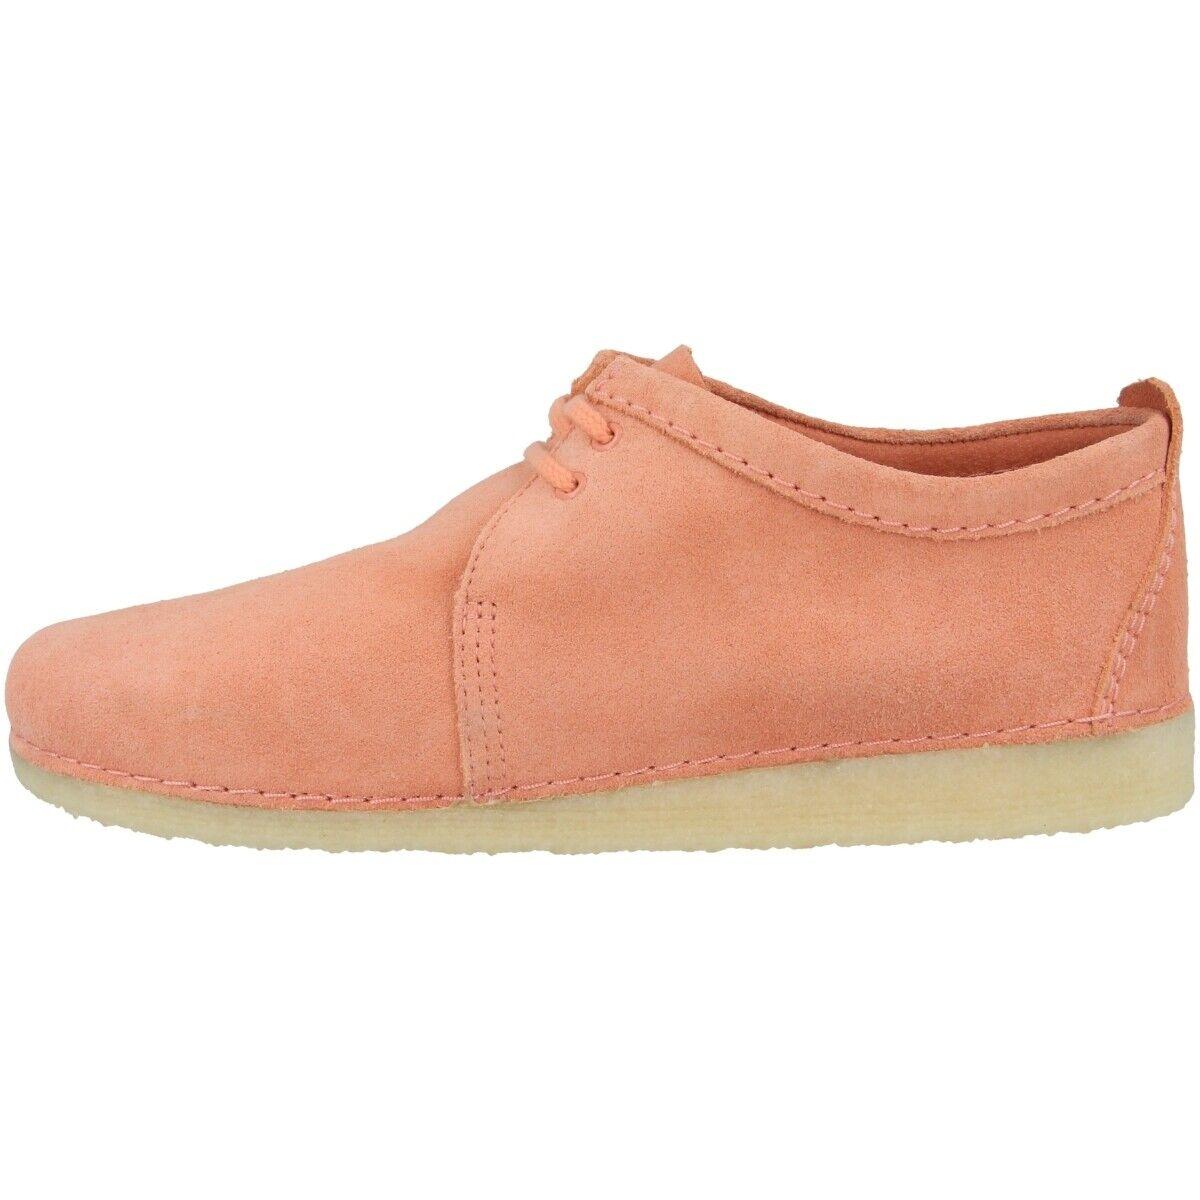 Clarks Ashton Chaussures Hommes Basses Affaires Lacets Coral Suede 26139197